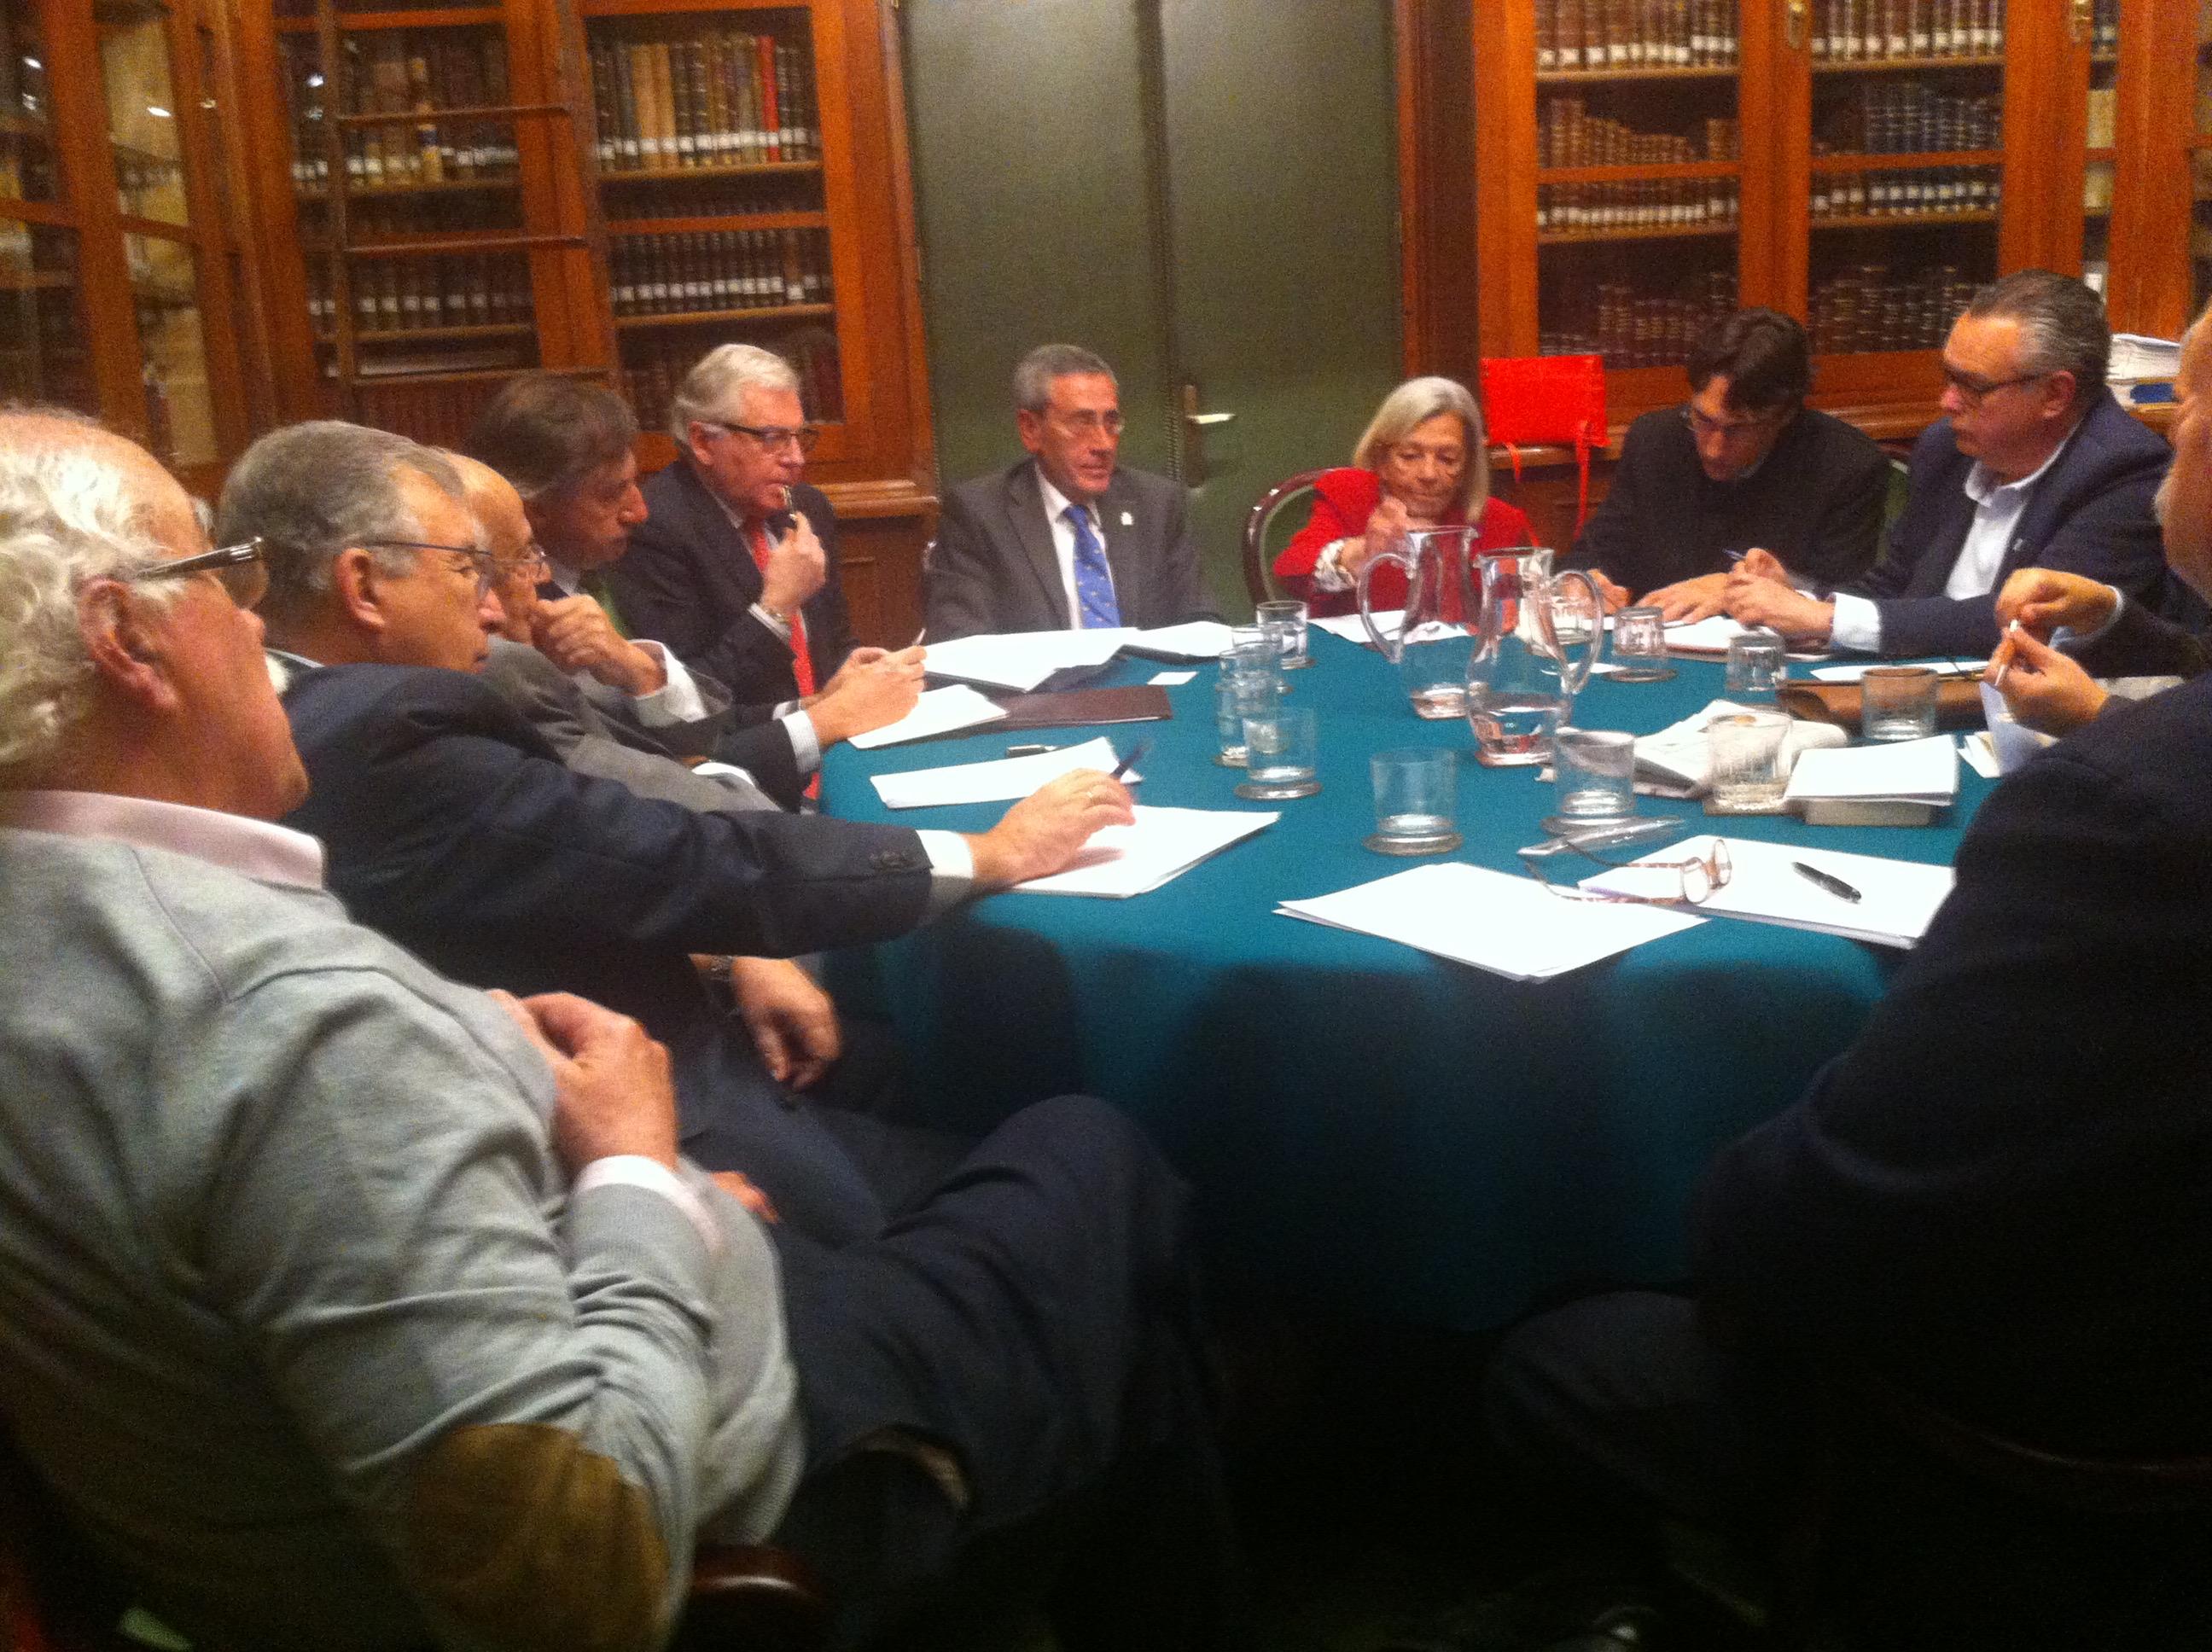 Congreso de Sociedades de Amigos del País